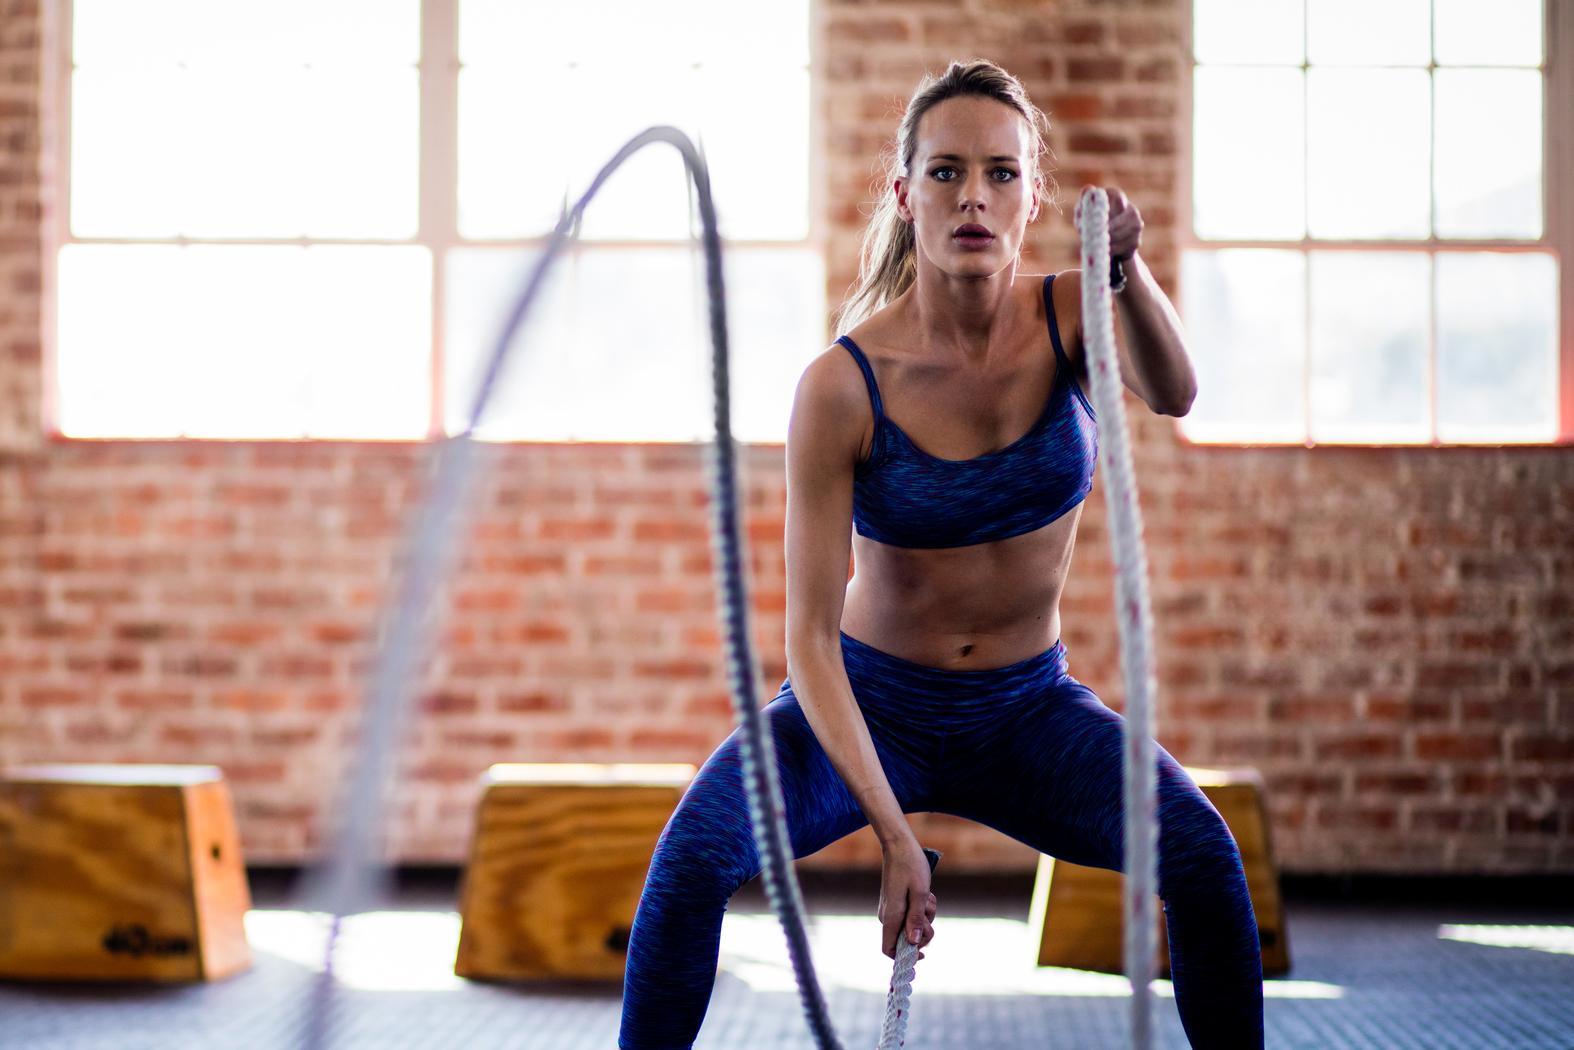 10 exercices TABATA pour brûler les graisses et développer les muscles